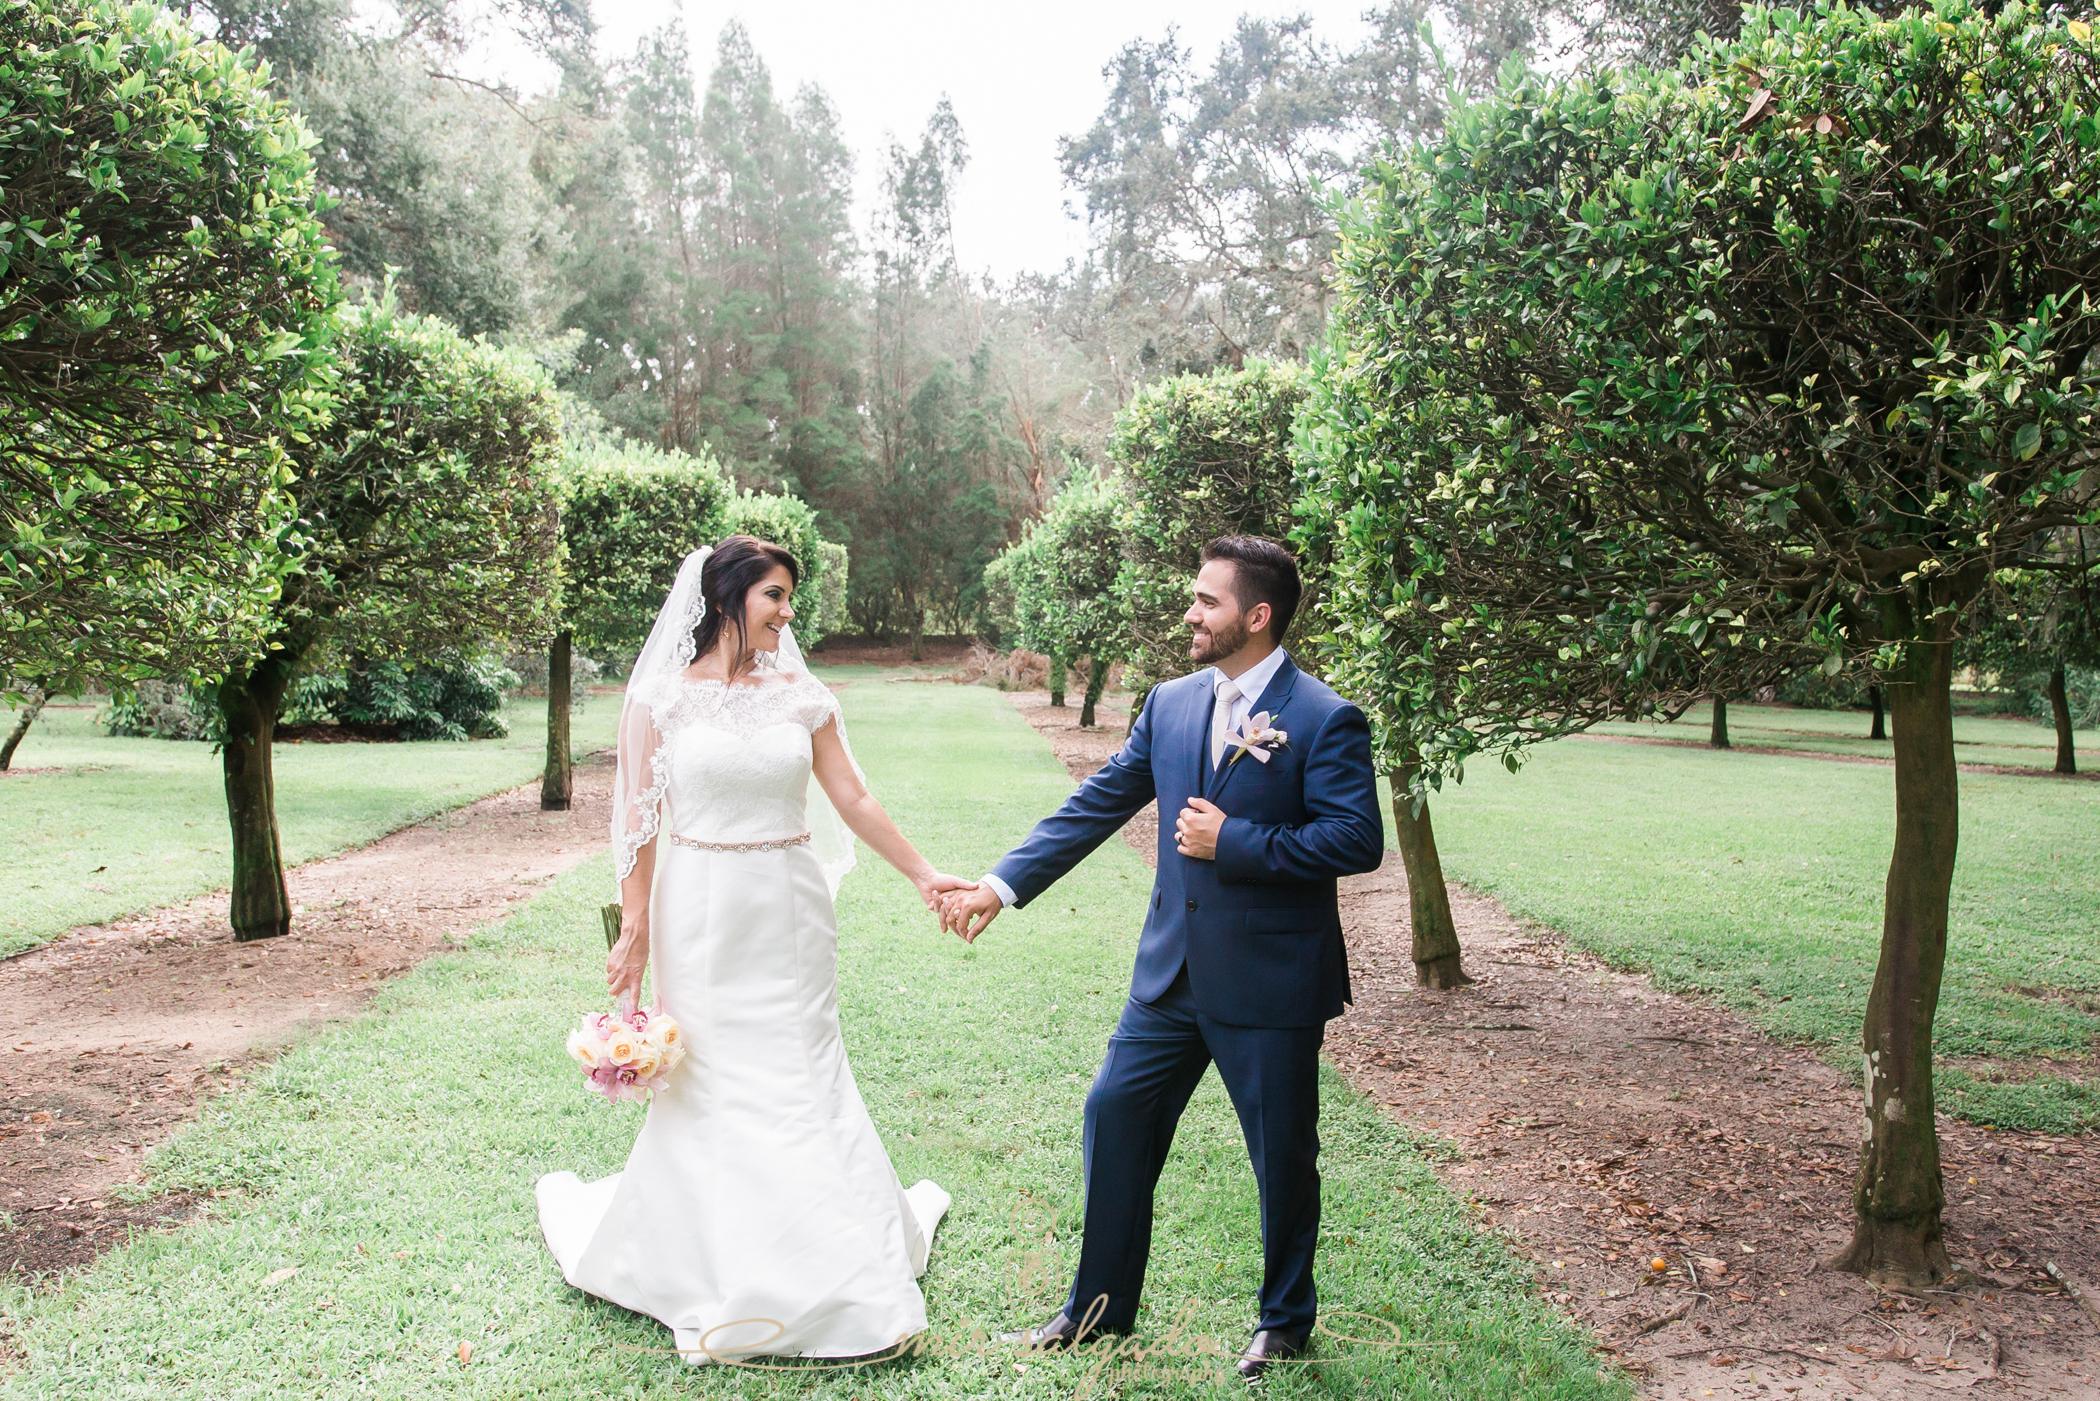 Bok-tower-gardens-wedding-photo, Florida-garden-wedding-photo, Tampa-wedding-photo